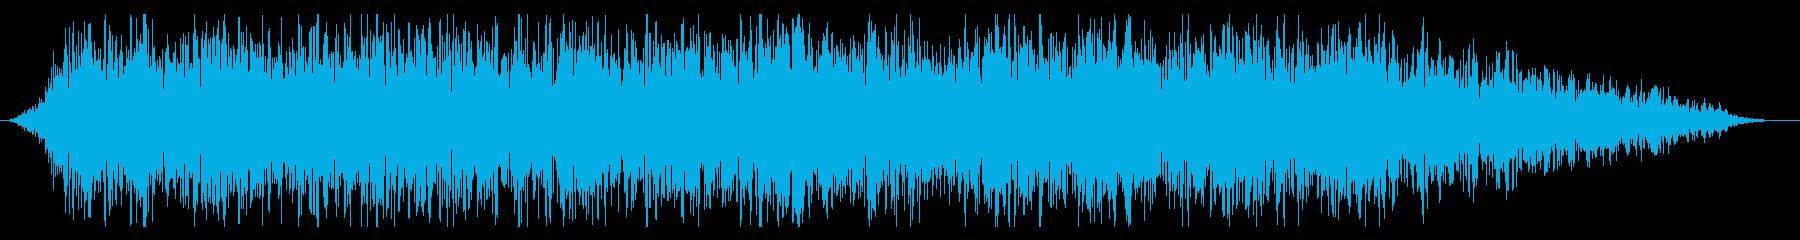 【ゴォ〜】地震、地響き、地鳴りに最適08の再生済みの波形